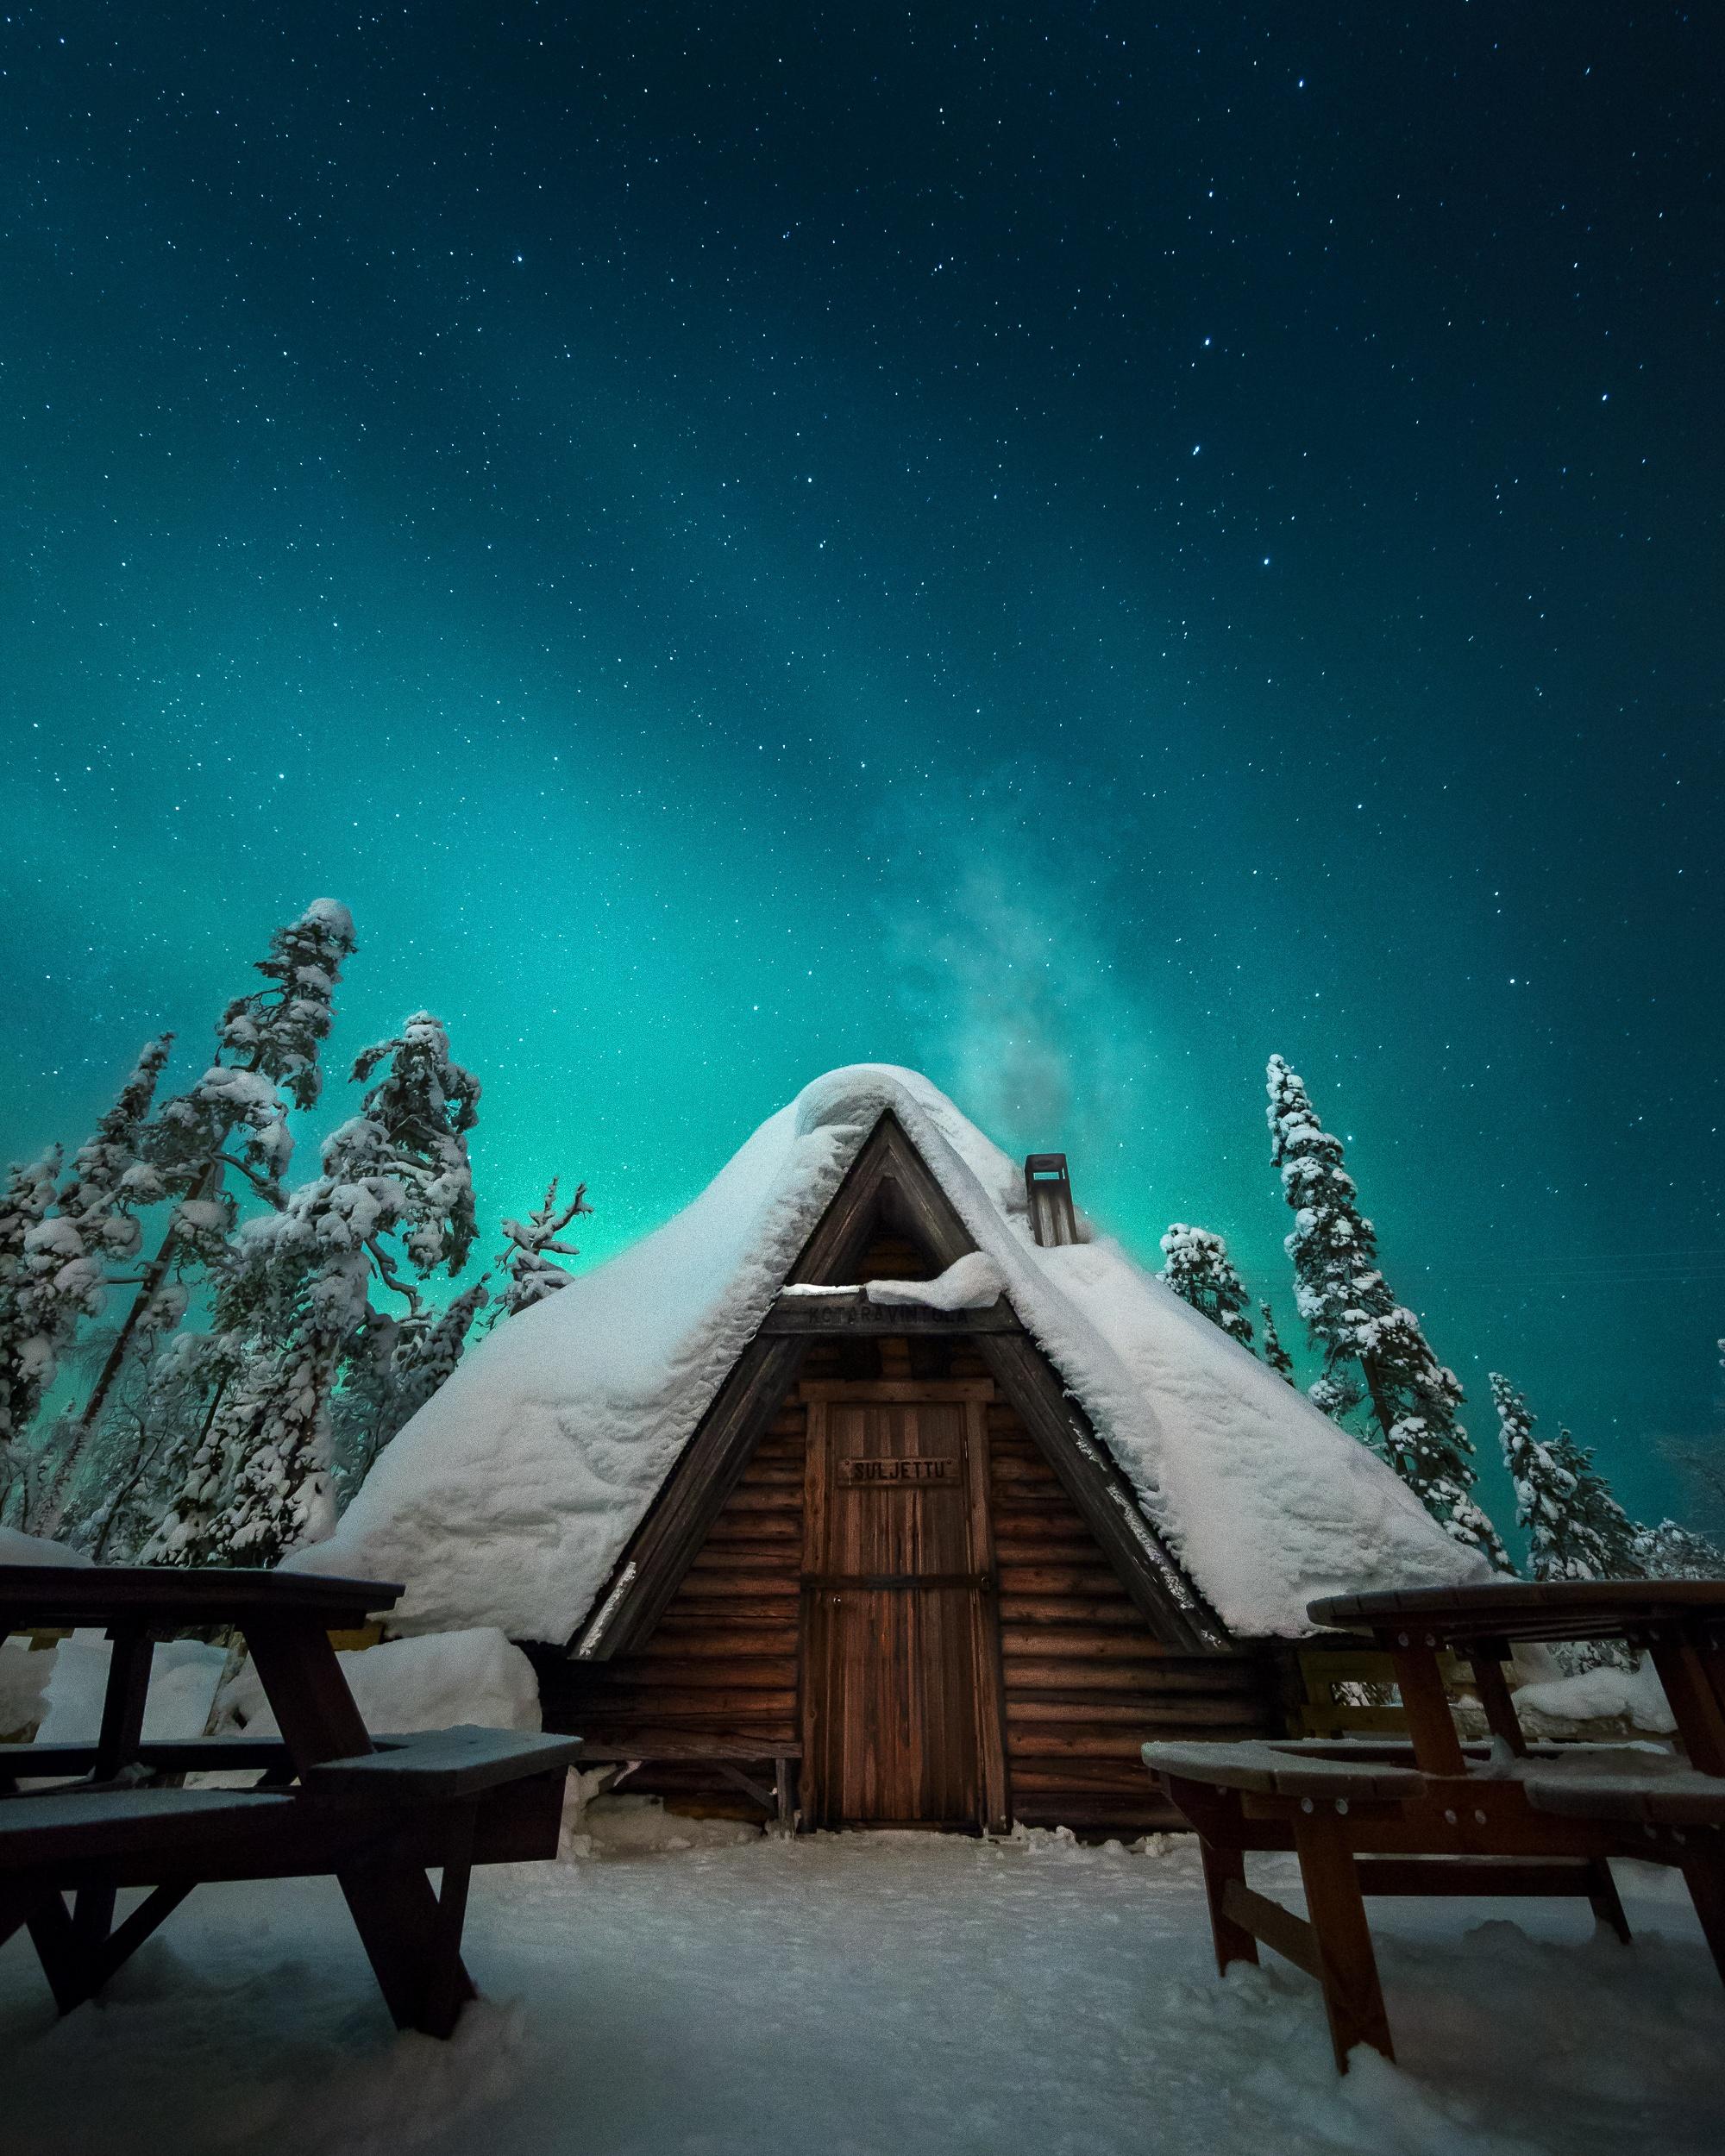 VERIÐ VELKOMIN! WilLkommen in Skandinavien